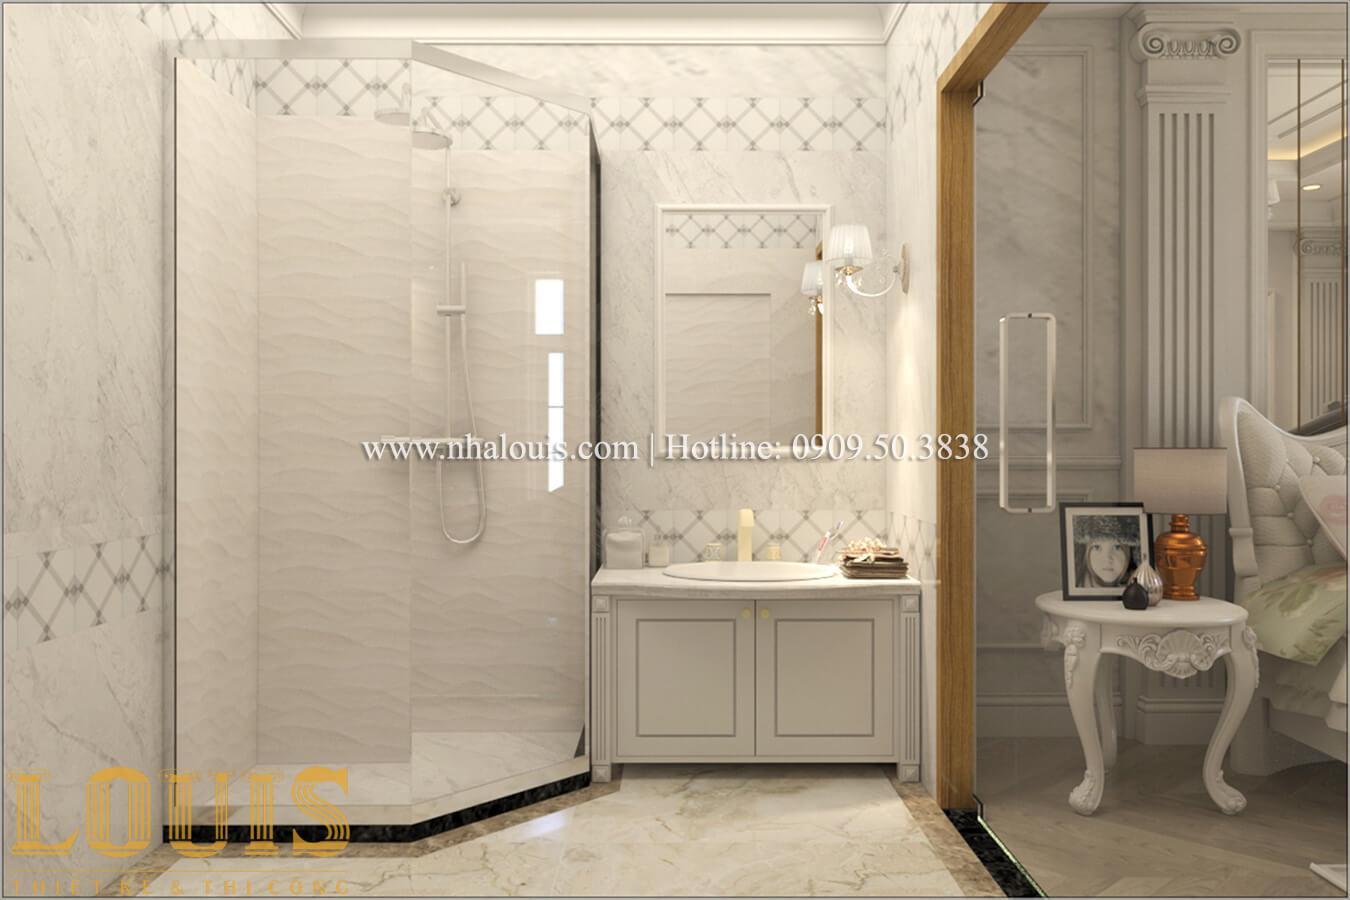 Phòng tắm Mẫu biệt thự đẹp 3 tầng ở Đồng Nai